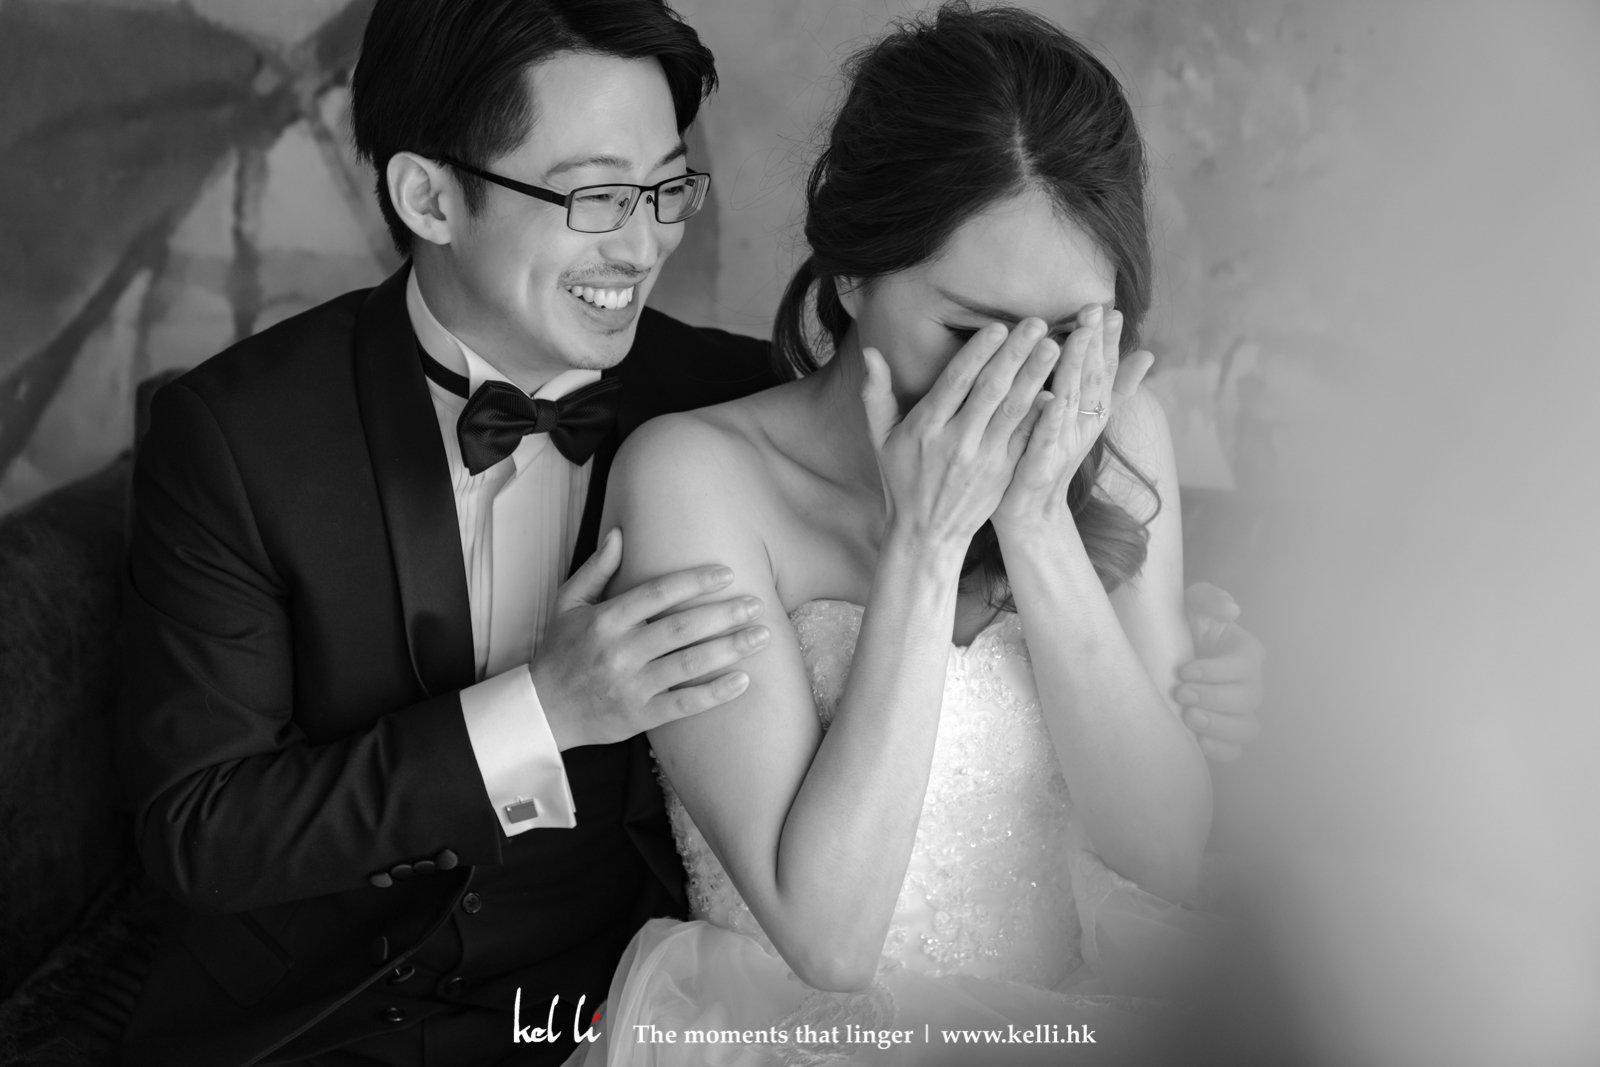 遜間的情感是我們最愛的婚紗相之一